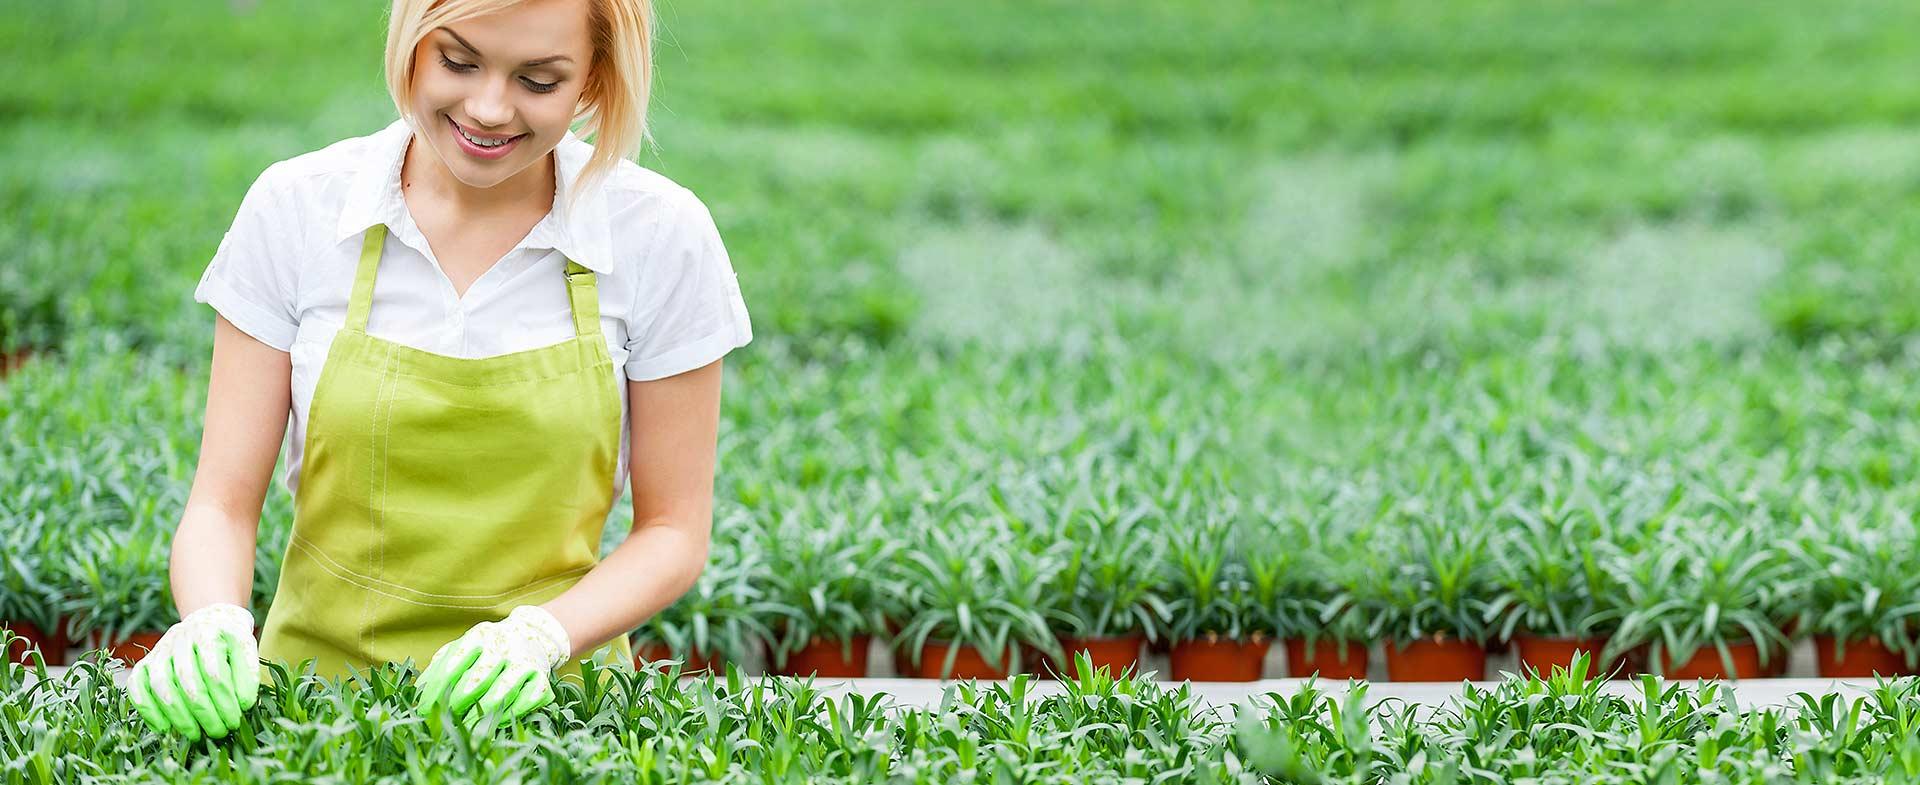 Gardeners Downham